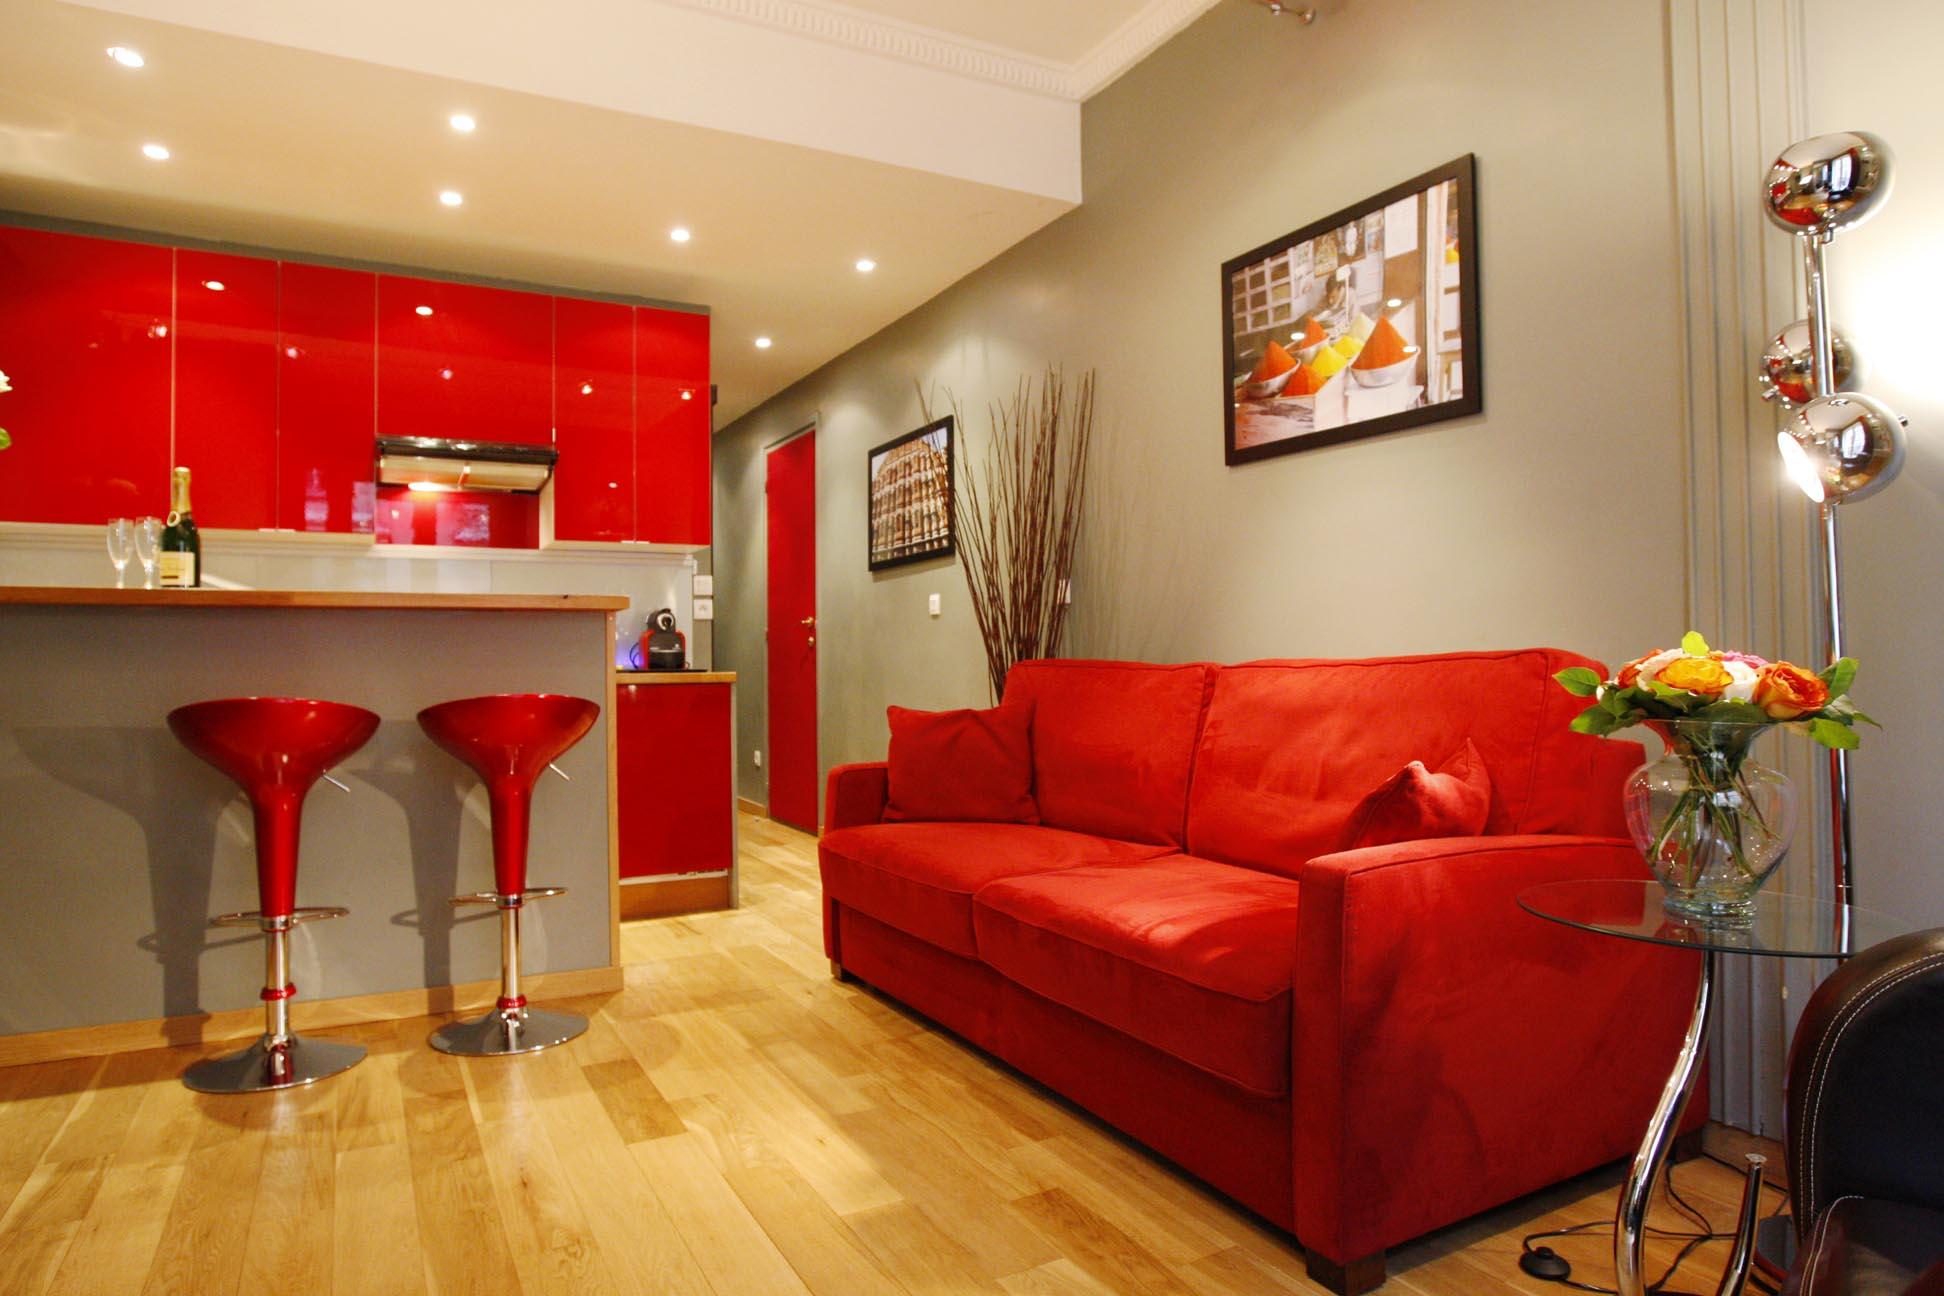 Vente appartement: se loger facilement